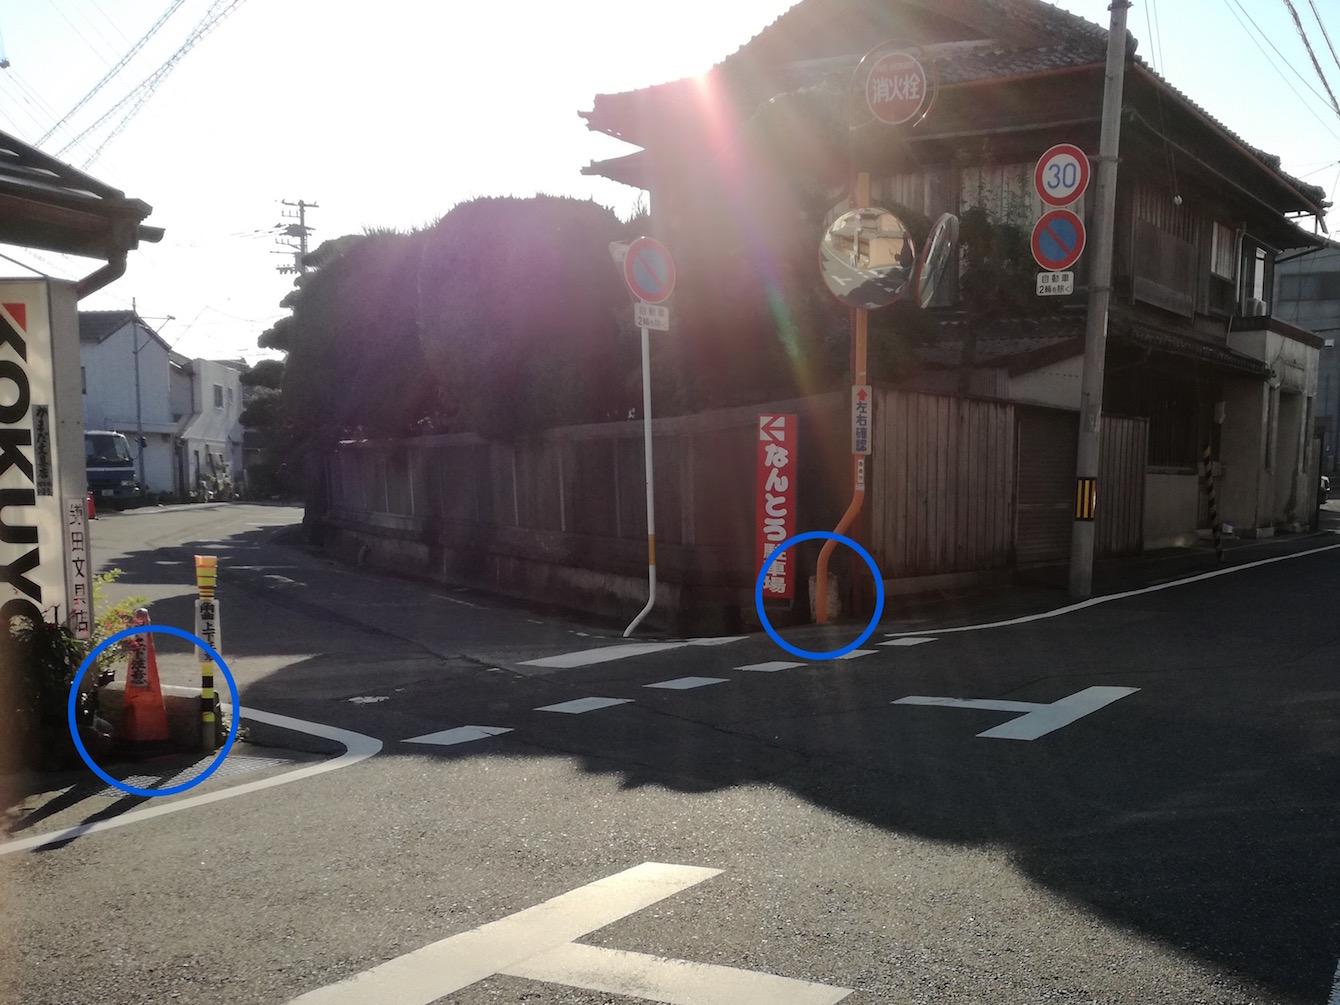 よーく見ると、かまだ文具店の角と「なんとう駐車場」看板の隣に常盤橋の石橋が一部残っています。